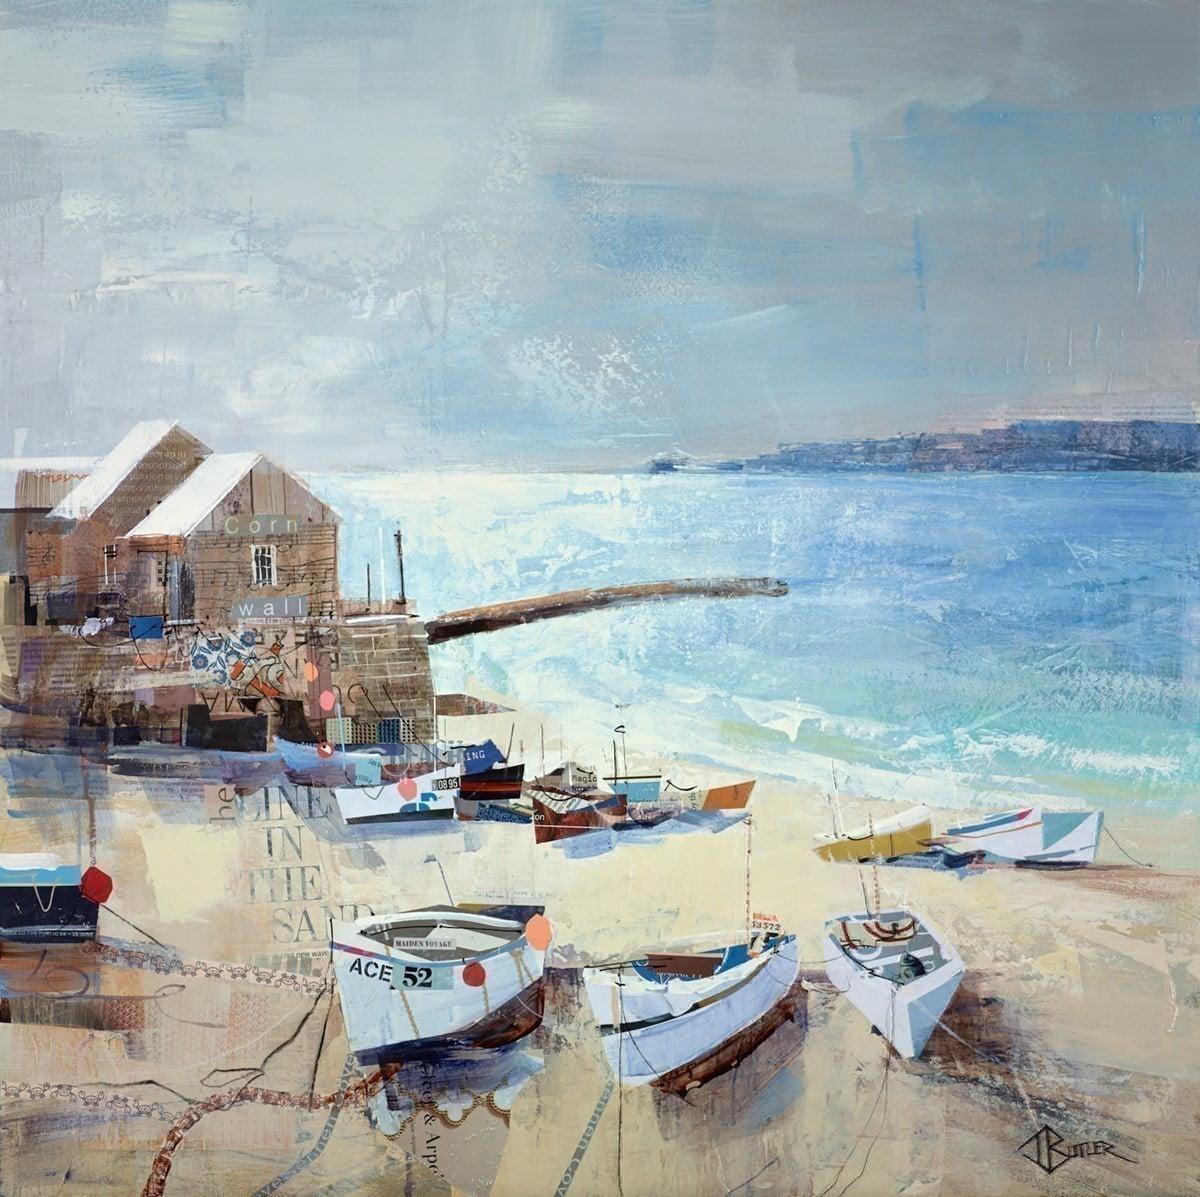 Seas the Day, Sennen Cove ~ Tom Butler